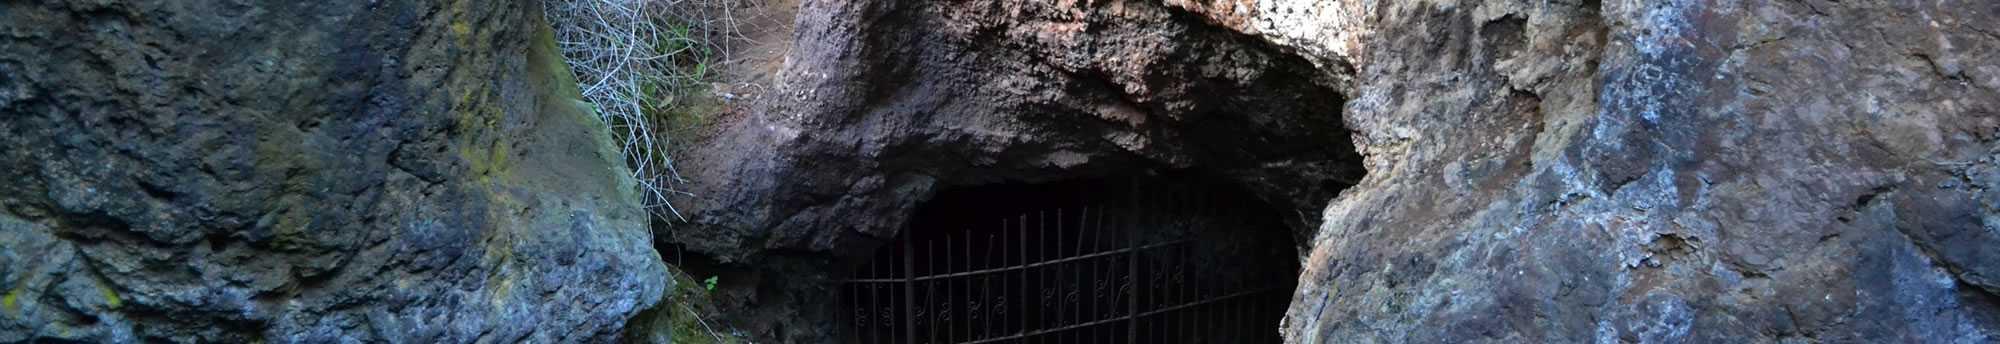 Cueva del Hierro de Cuenca